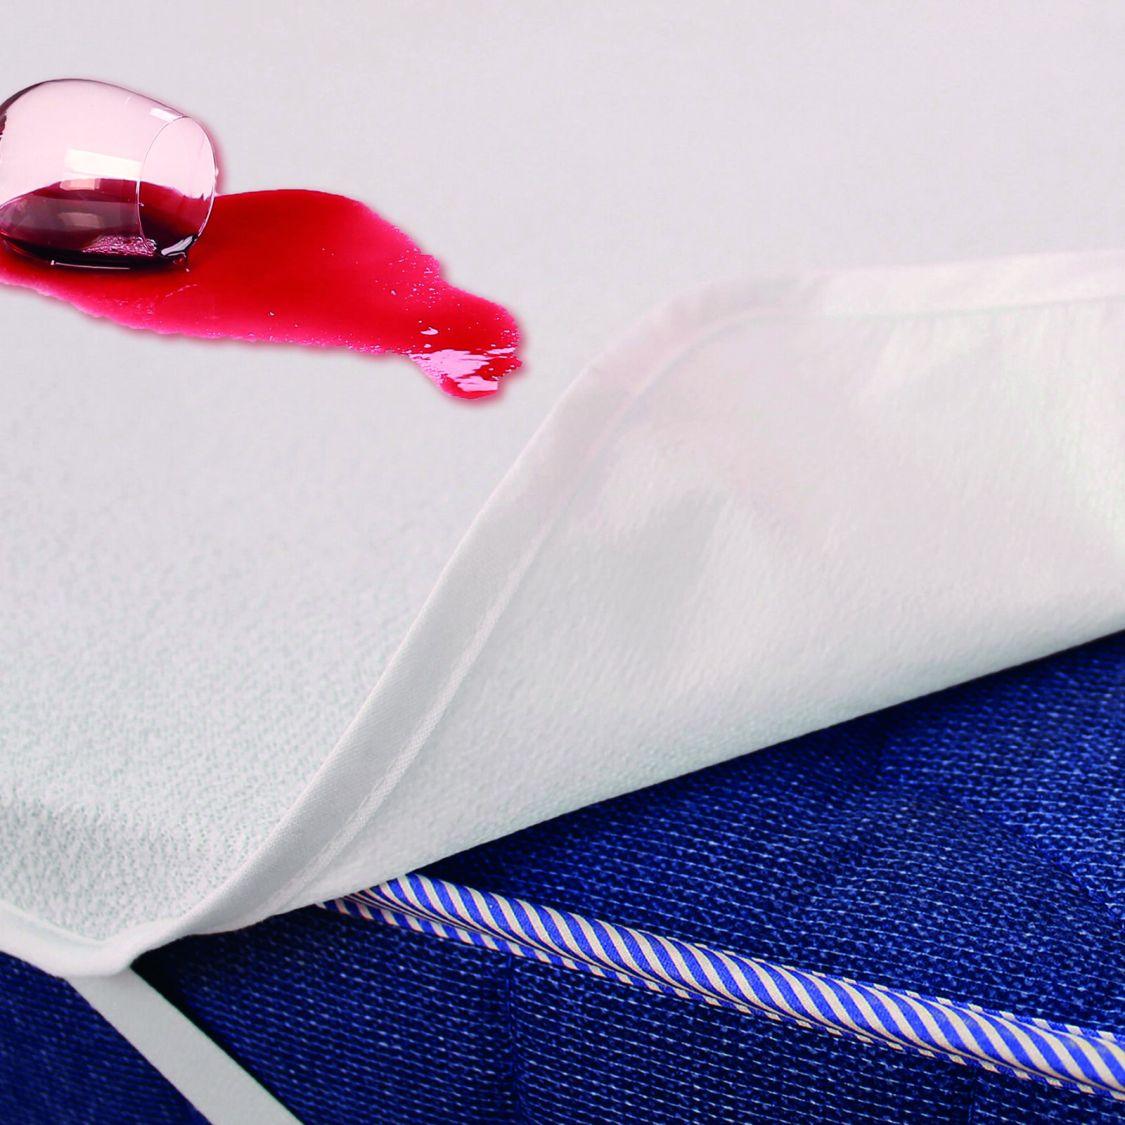 Matratzenauflage Matratzenbezug Matratzenschoner Betteinlage Bettauflage Einlage